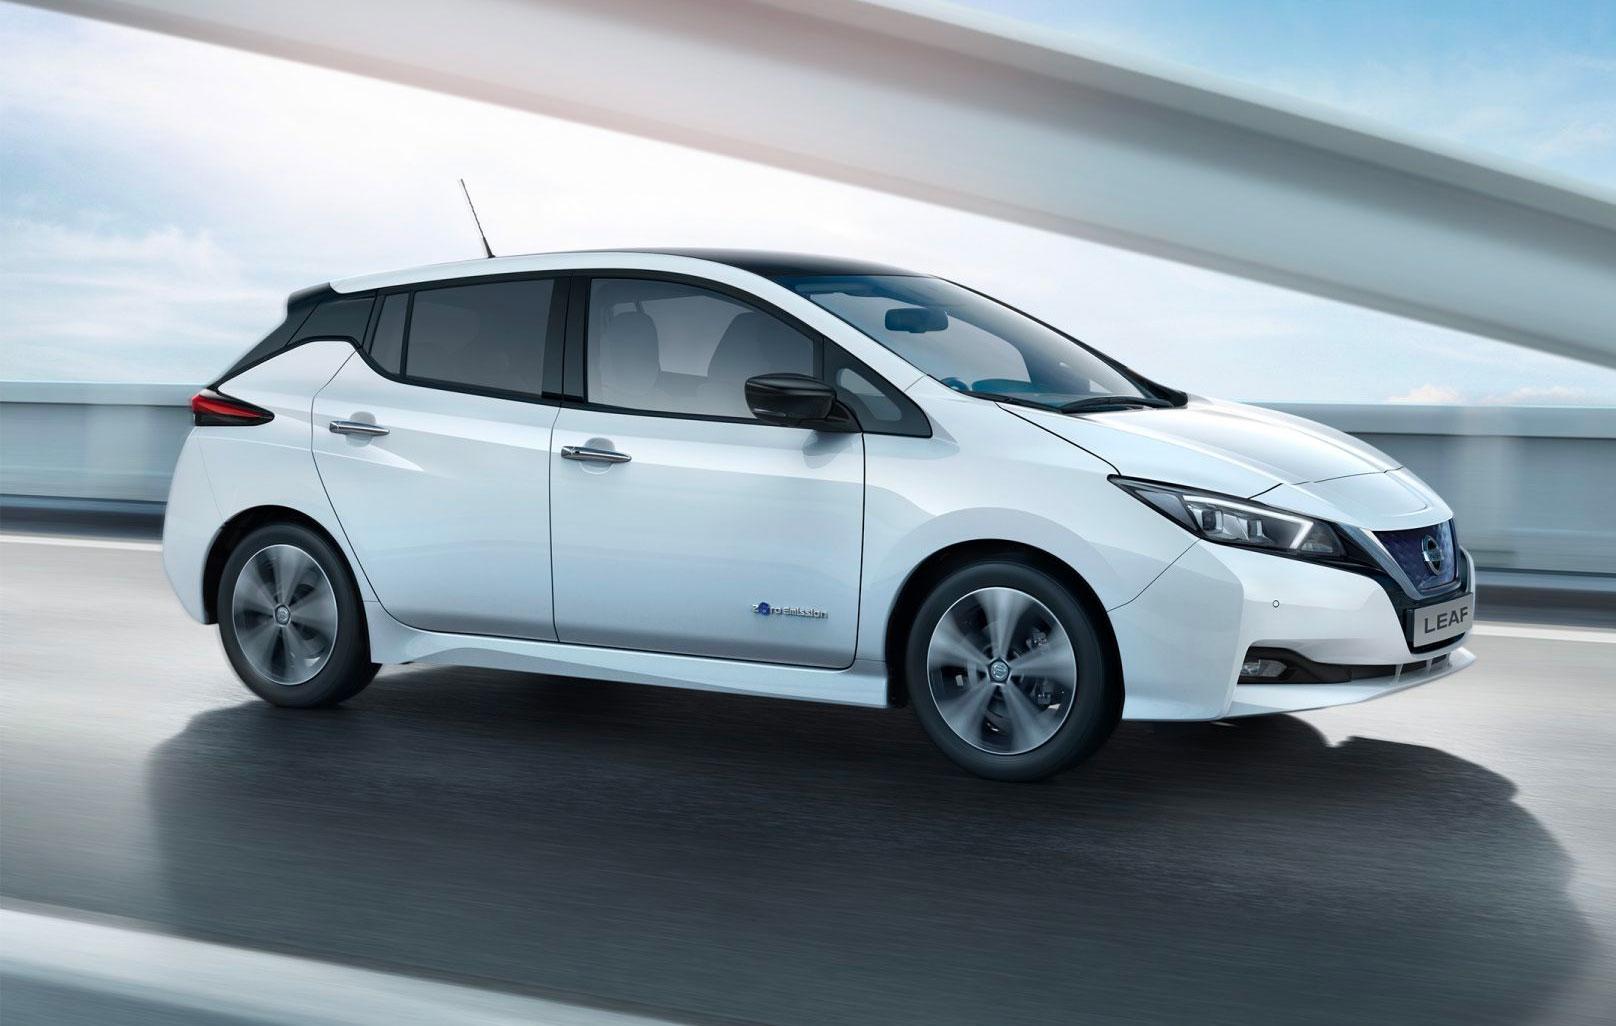 uus-nissan-leaf-elektriauto-2019